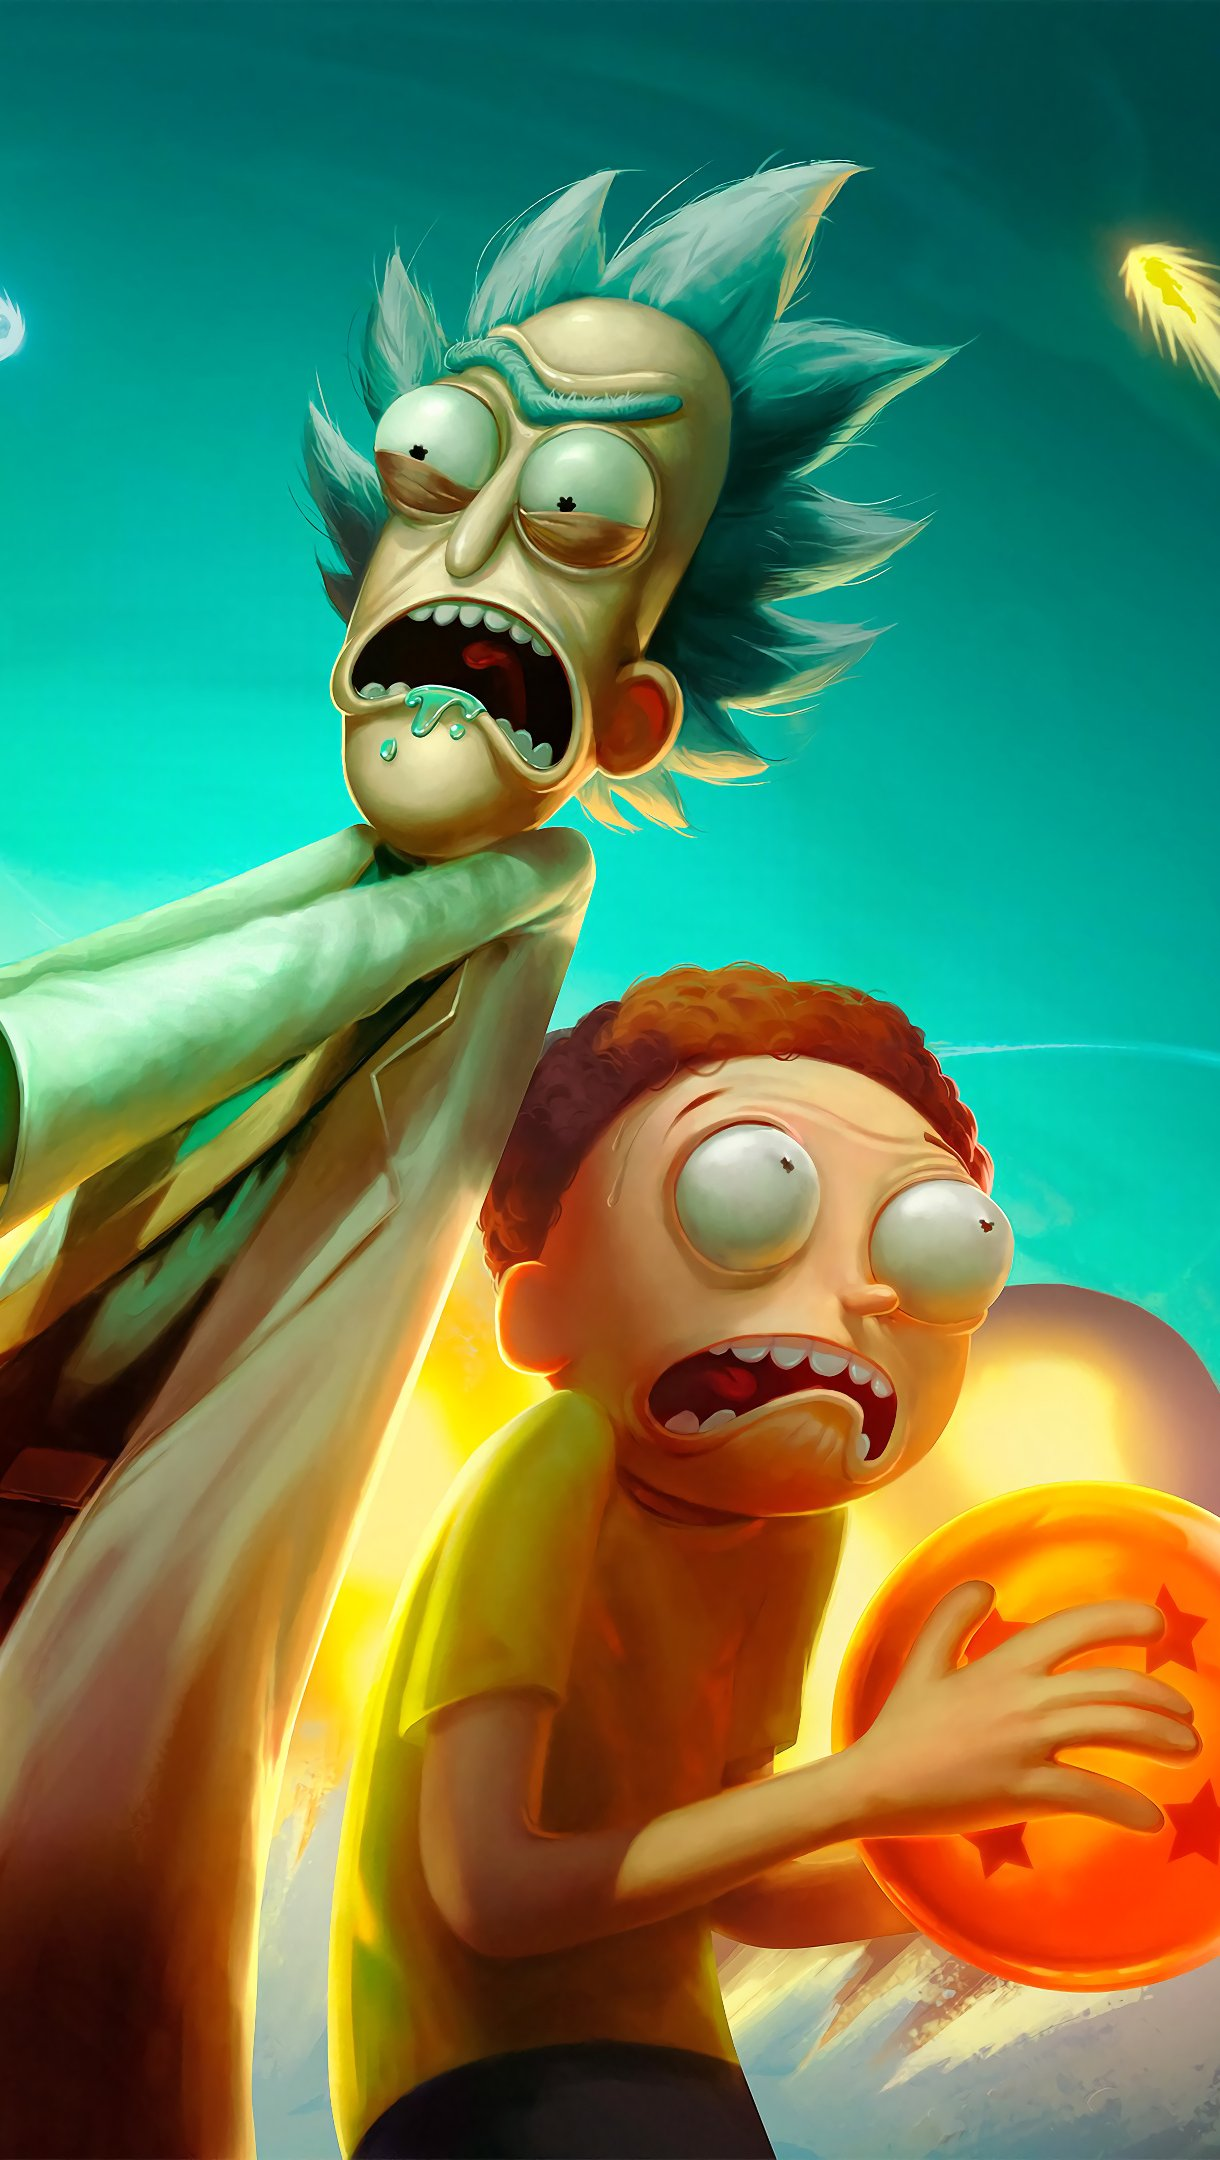 Fondos de pantalla Anime Rick y Morty en Universo de Dragon Ball Vertical